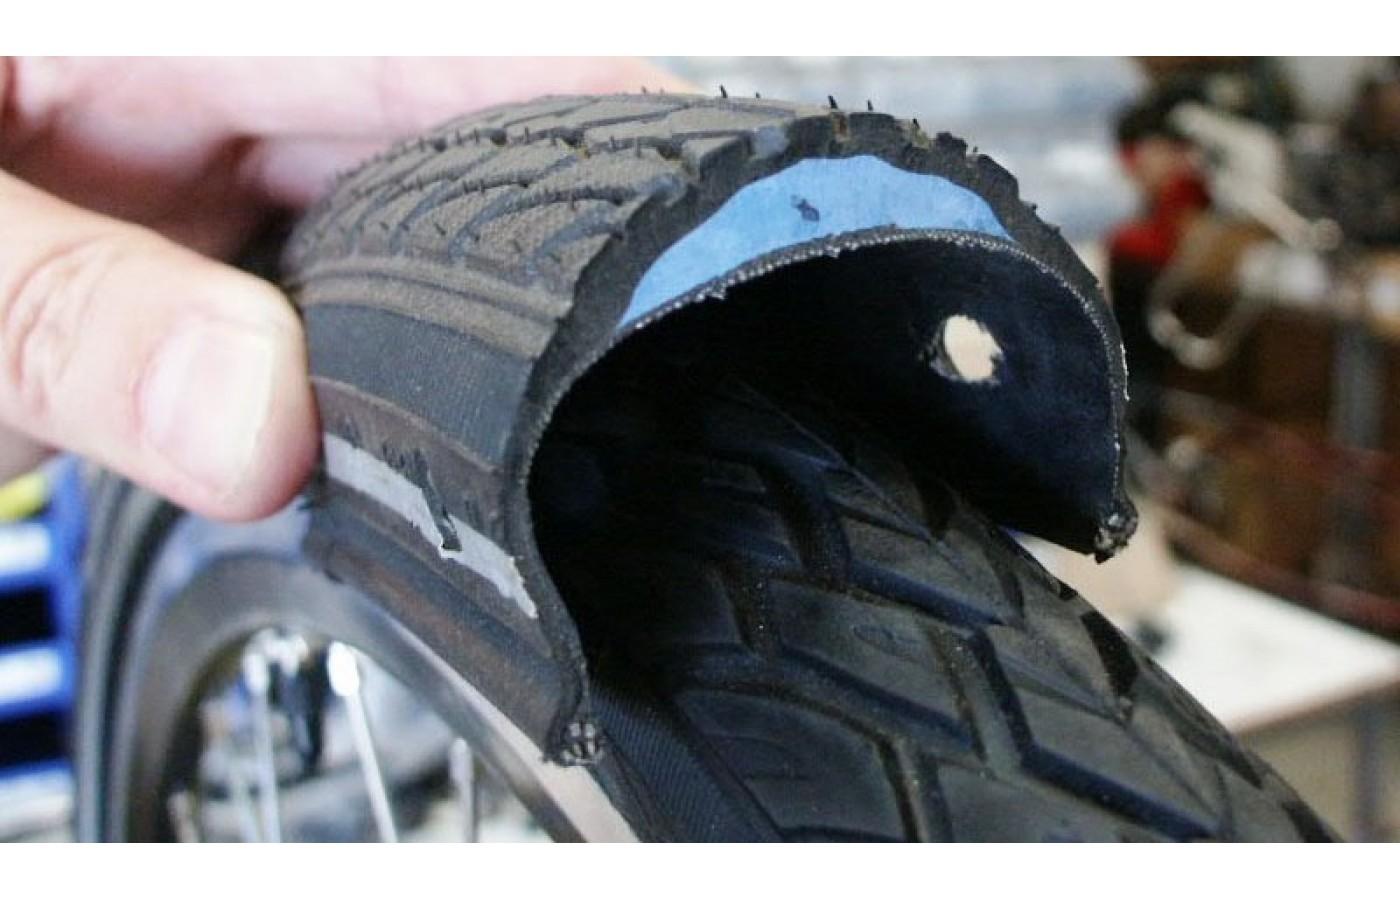 Маркировка покрышек для велосипеда, что пишут на шине | сайт котовского